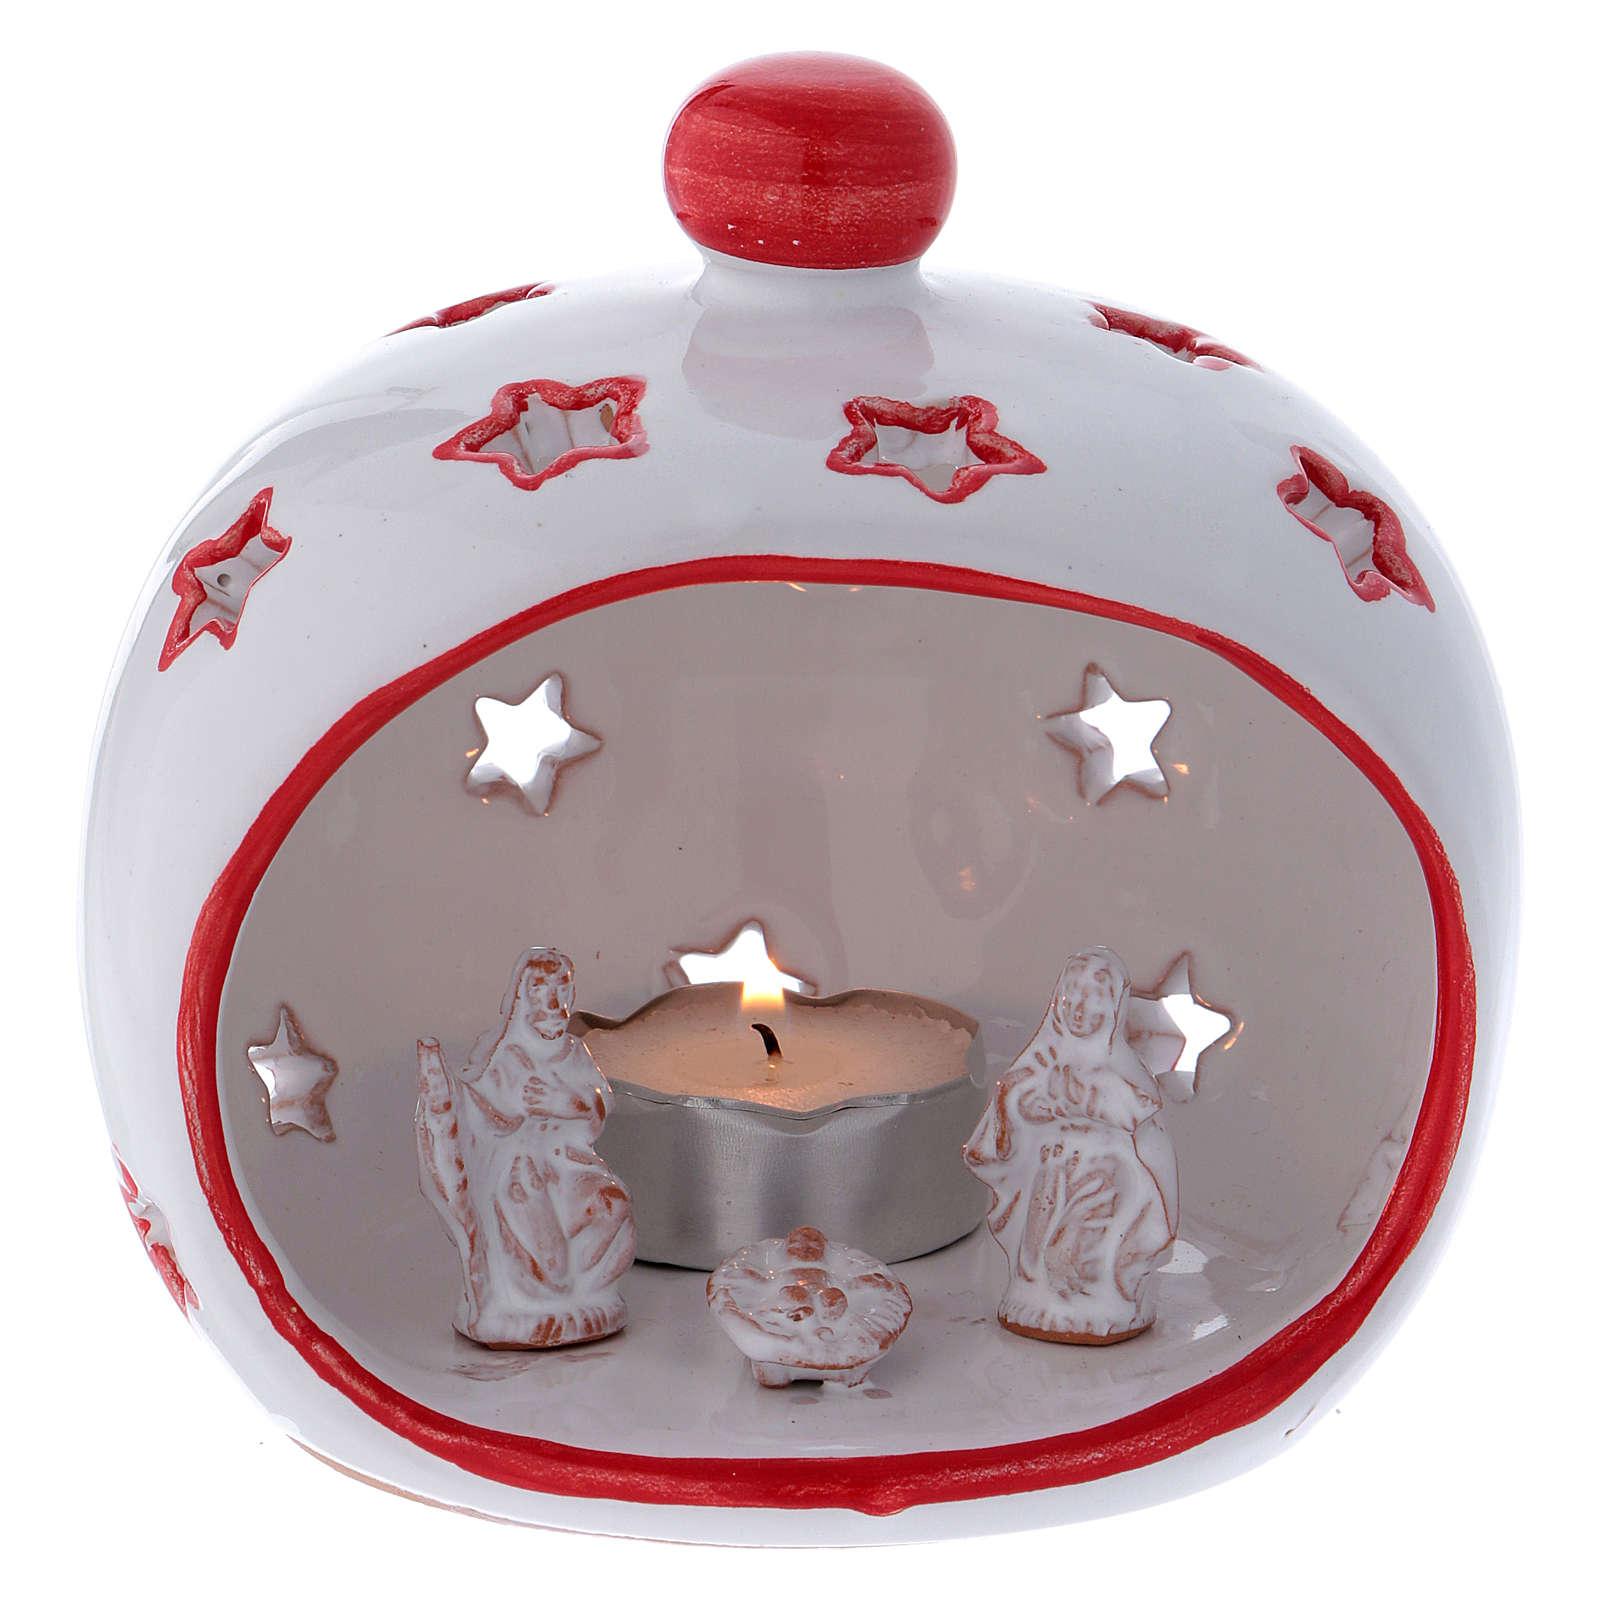 Portalumino ovale con Natività e finiture rosse in terracotta Deruta 3